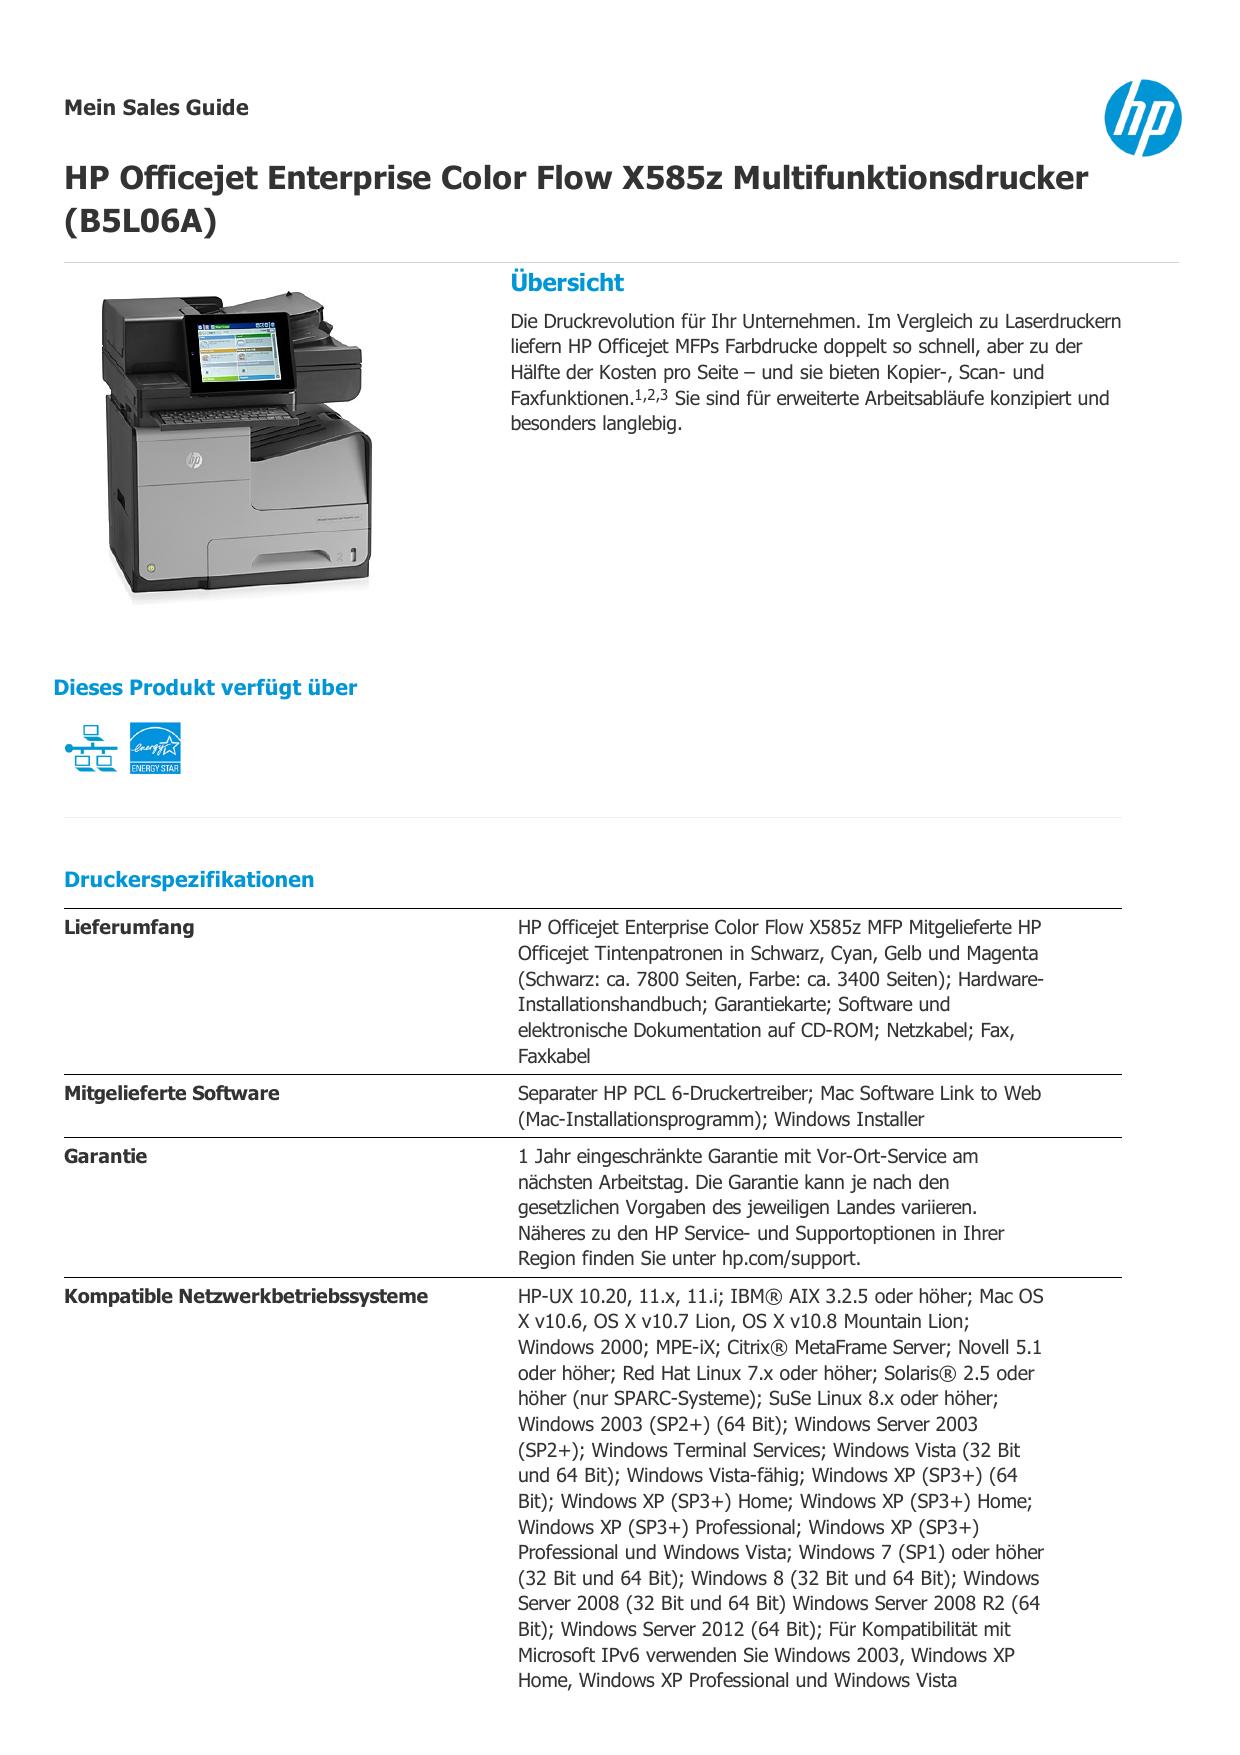 Atemberaubend Farblaser Kosten Pro Seite Zeitgenössisch - Framing ...